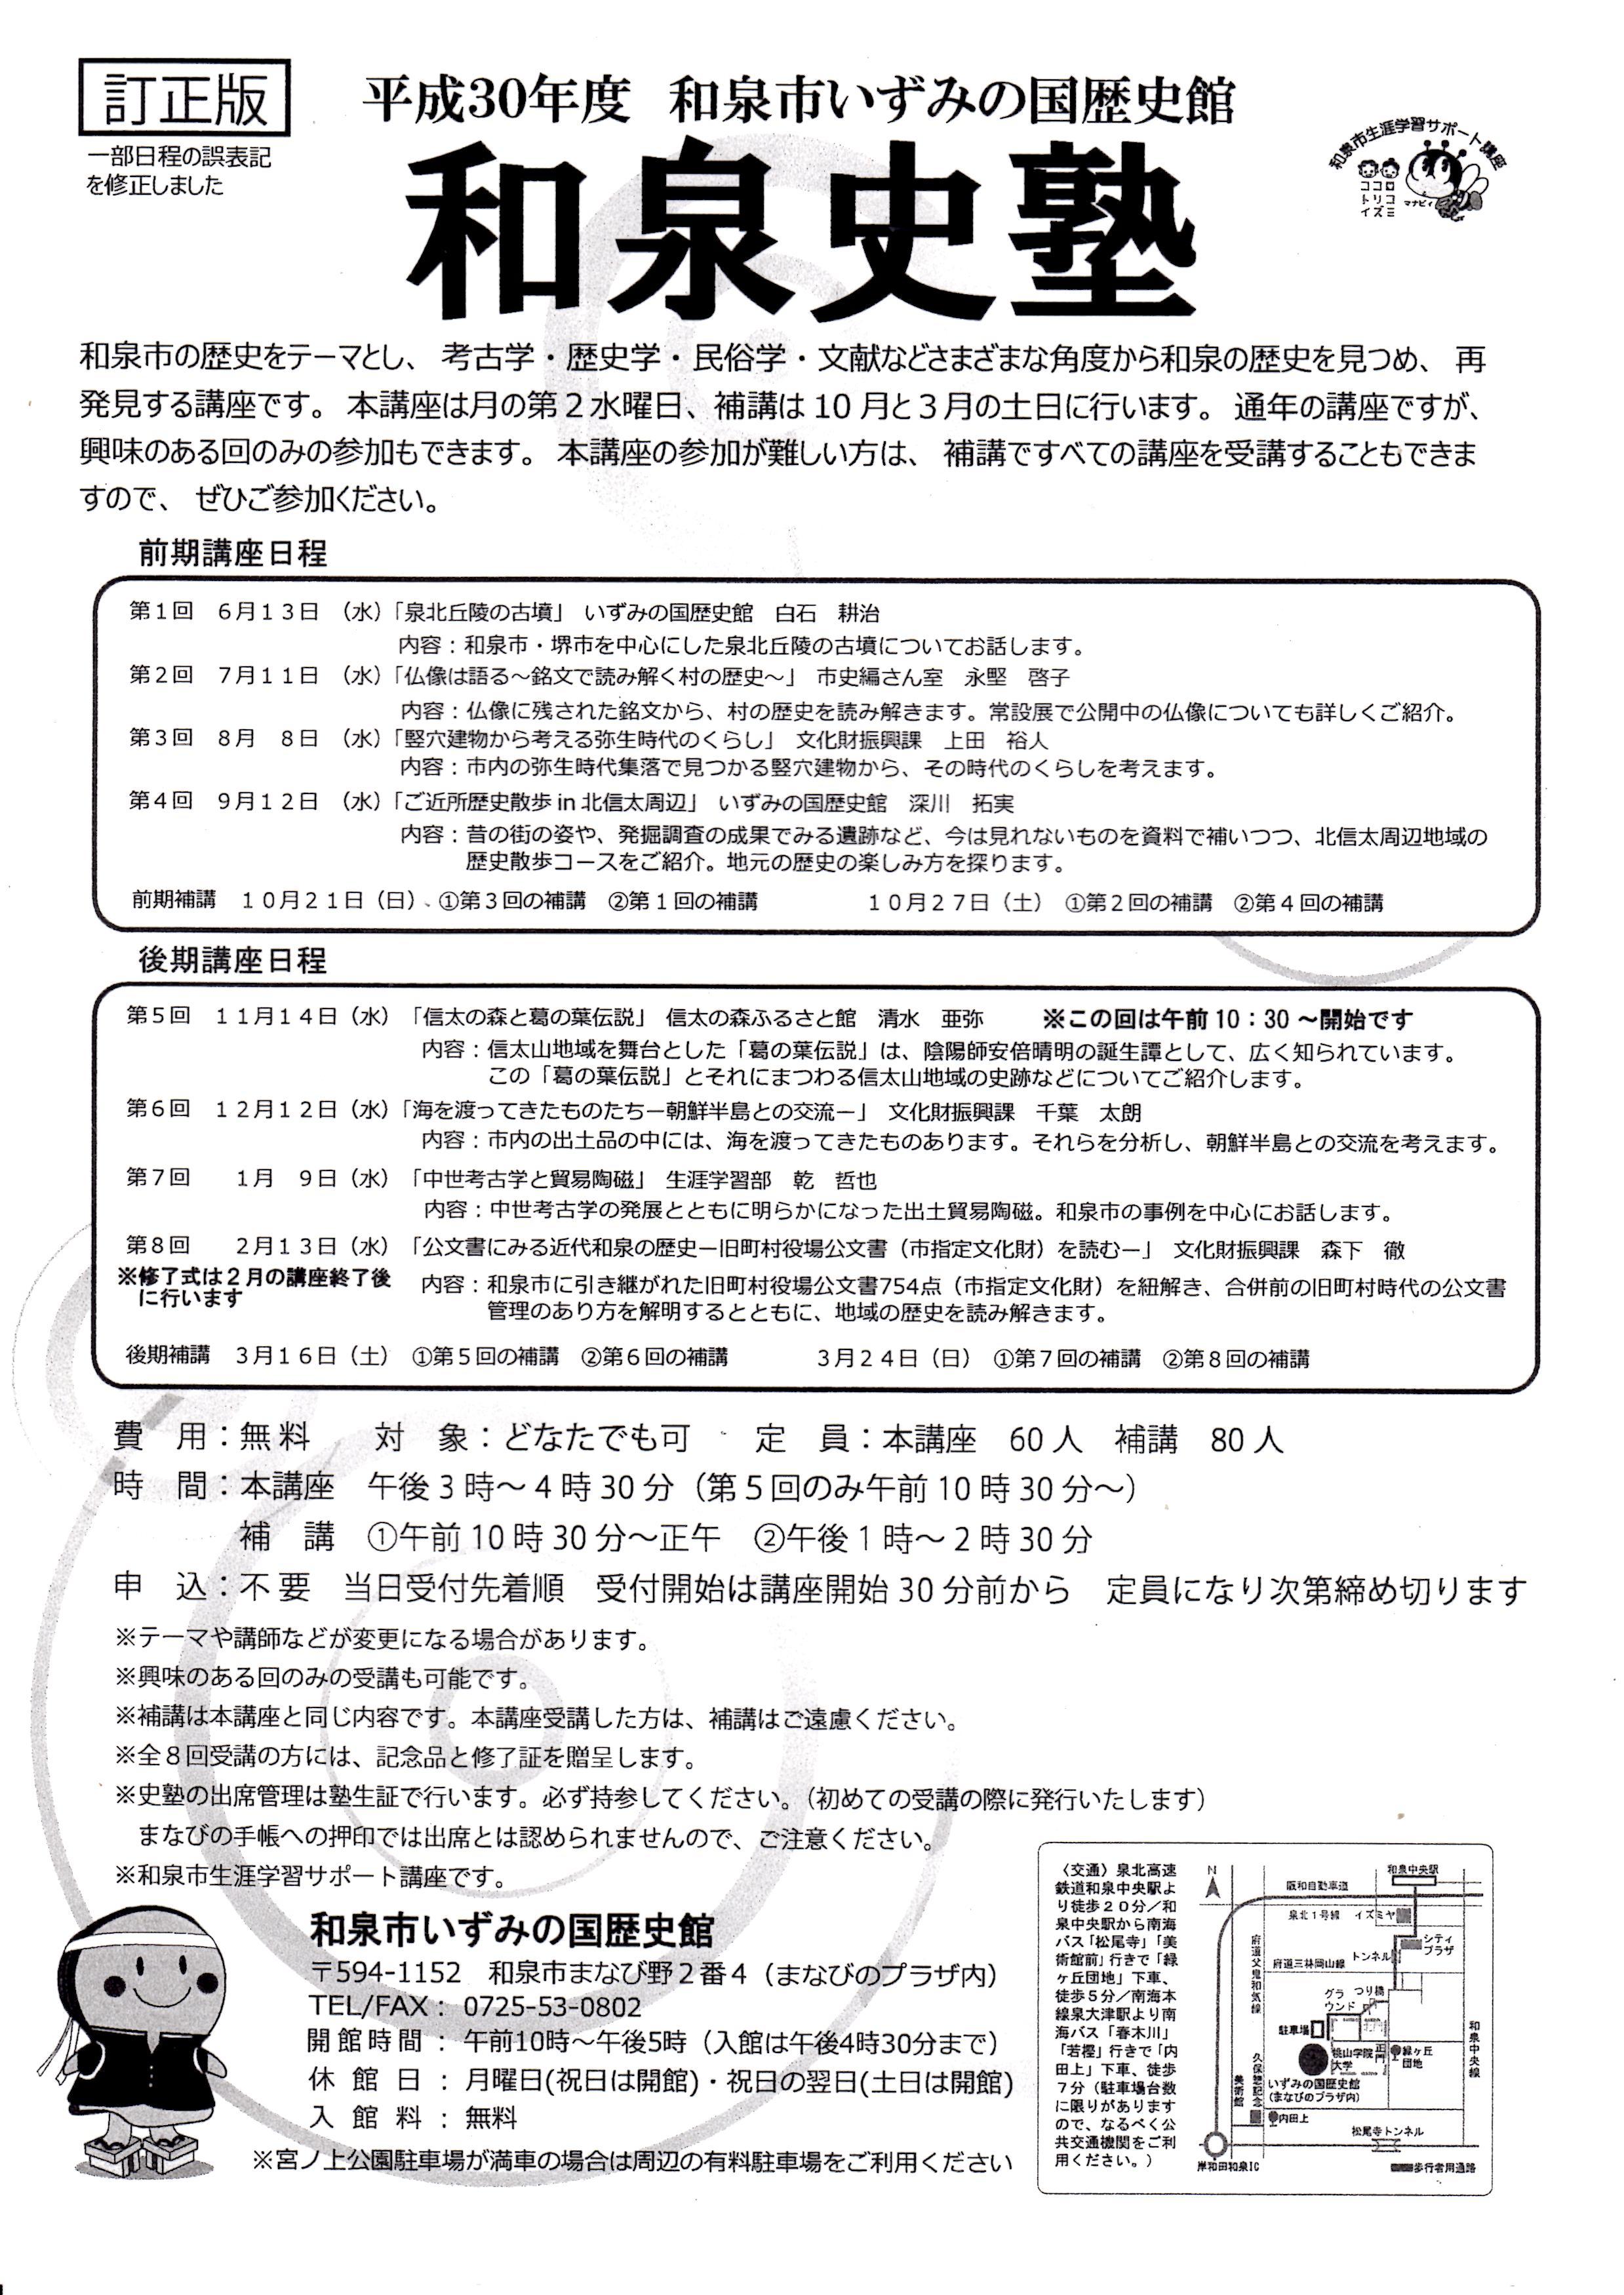 【終了】『第7回 和泉史塾』2019/1/9(水)開催!和泉市いずみの国歴史館